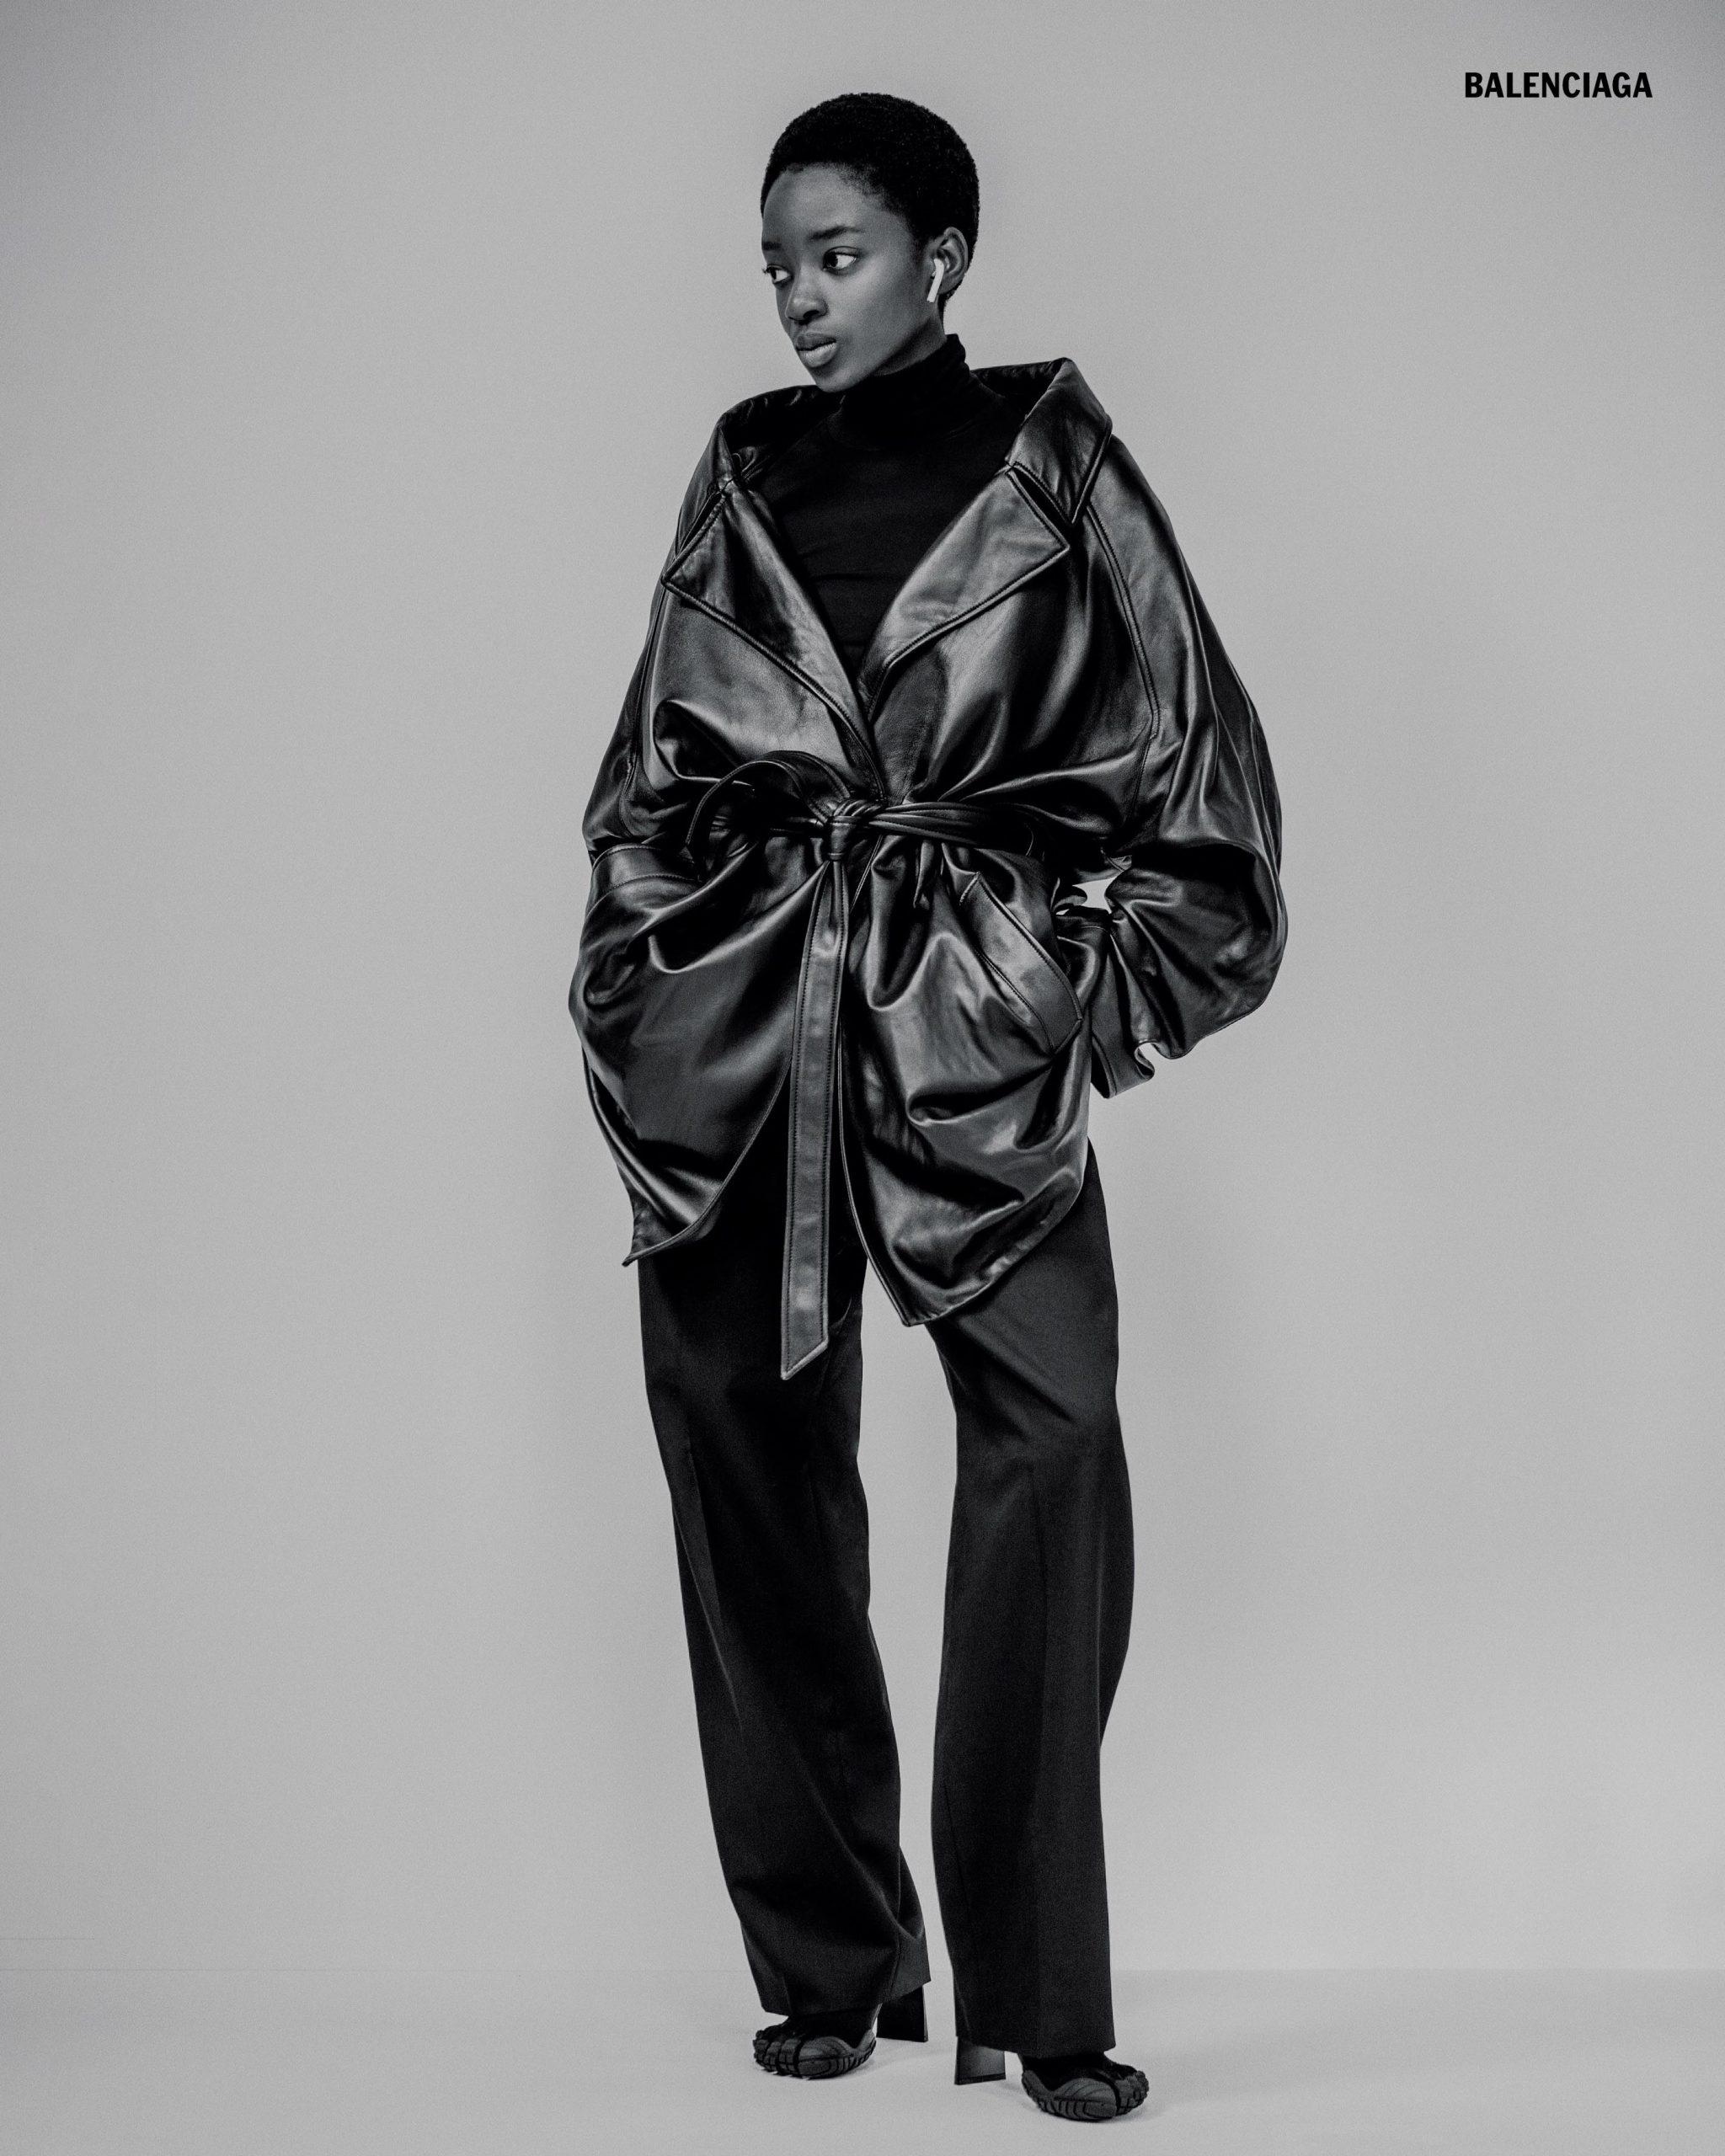 Zoe Kezia for 10 Magazine Australia shot by James Fisher - Issue 16